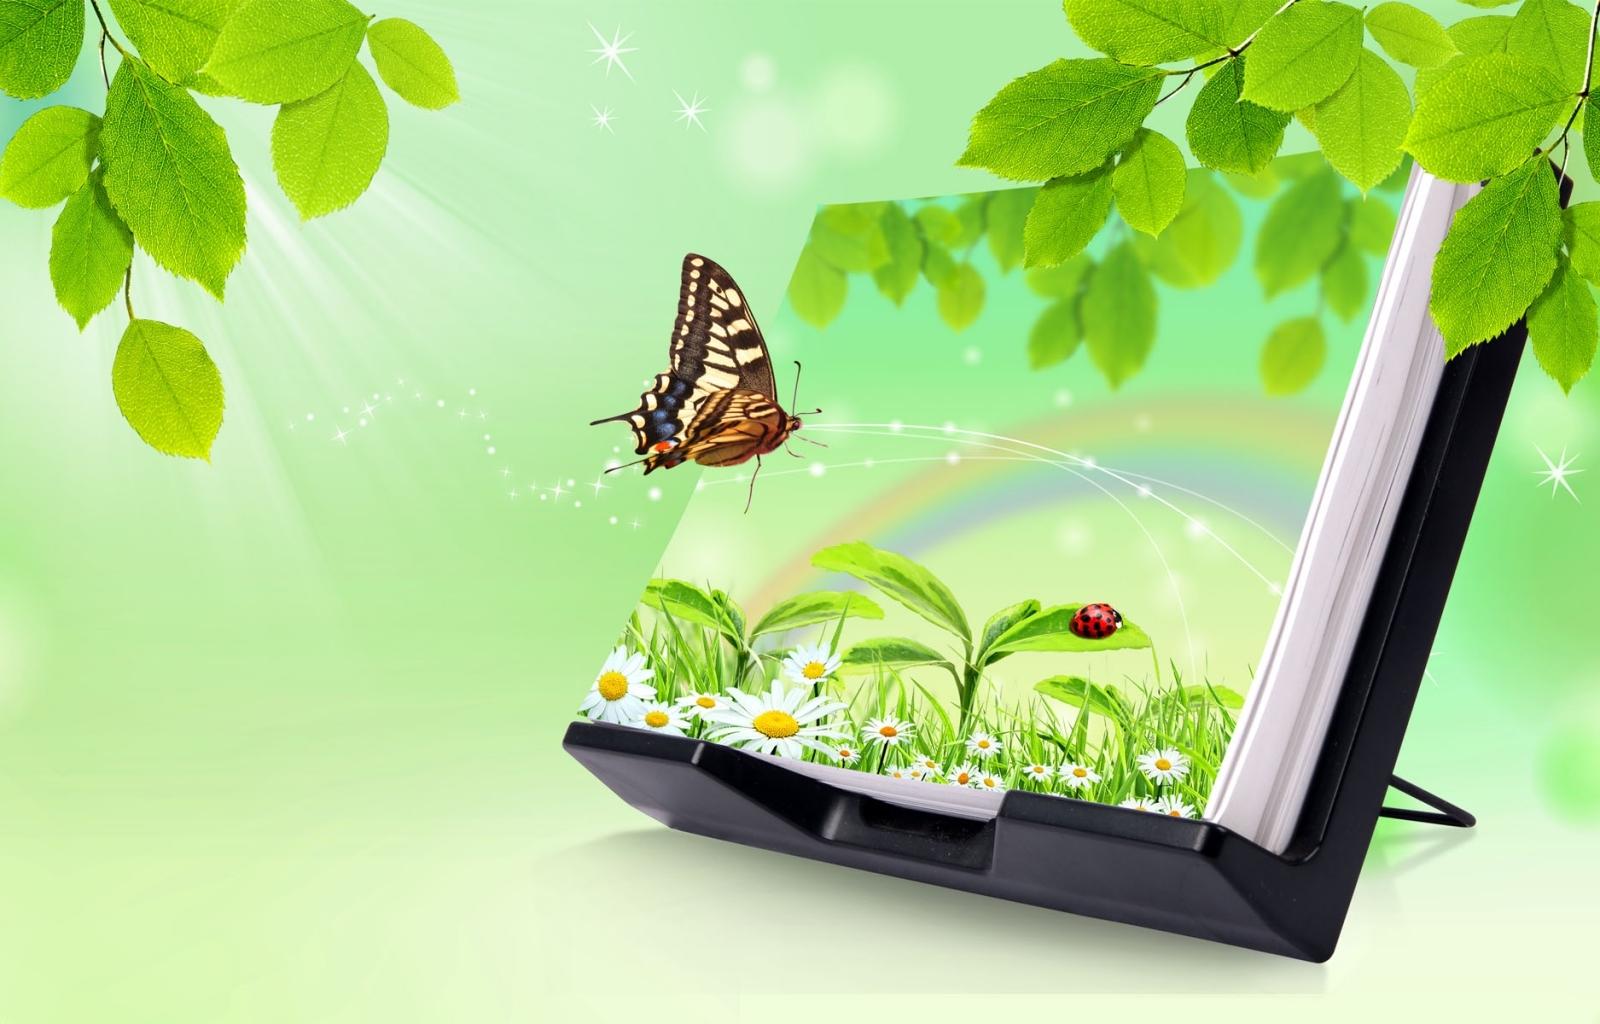 10179 descargar fondo de pantalla Mariposas, Insectos, Imágenes: protectores de pantalla e imágenes gratis